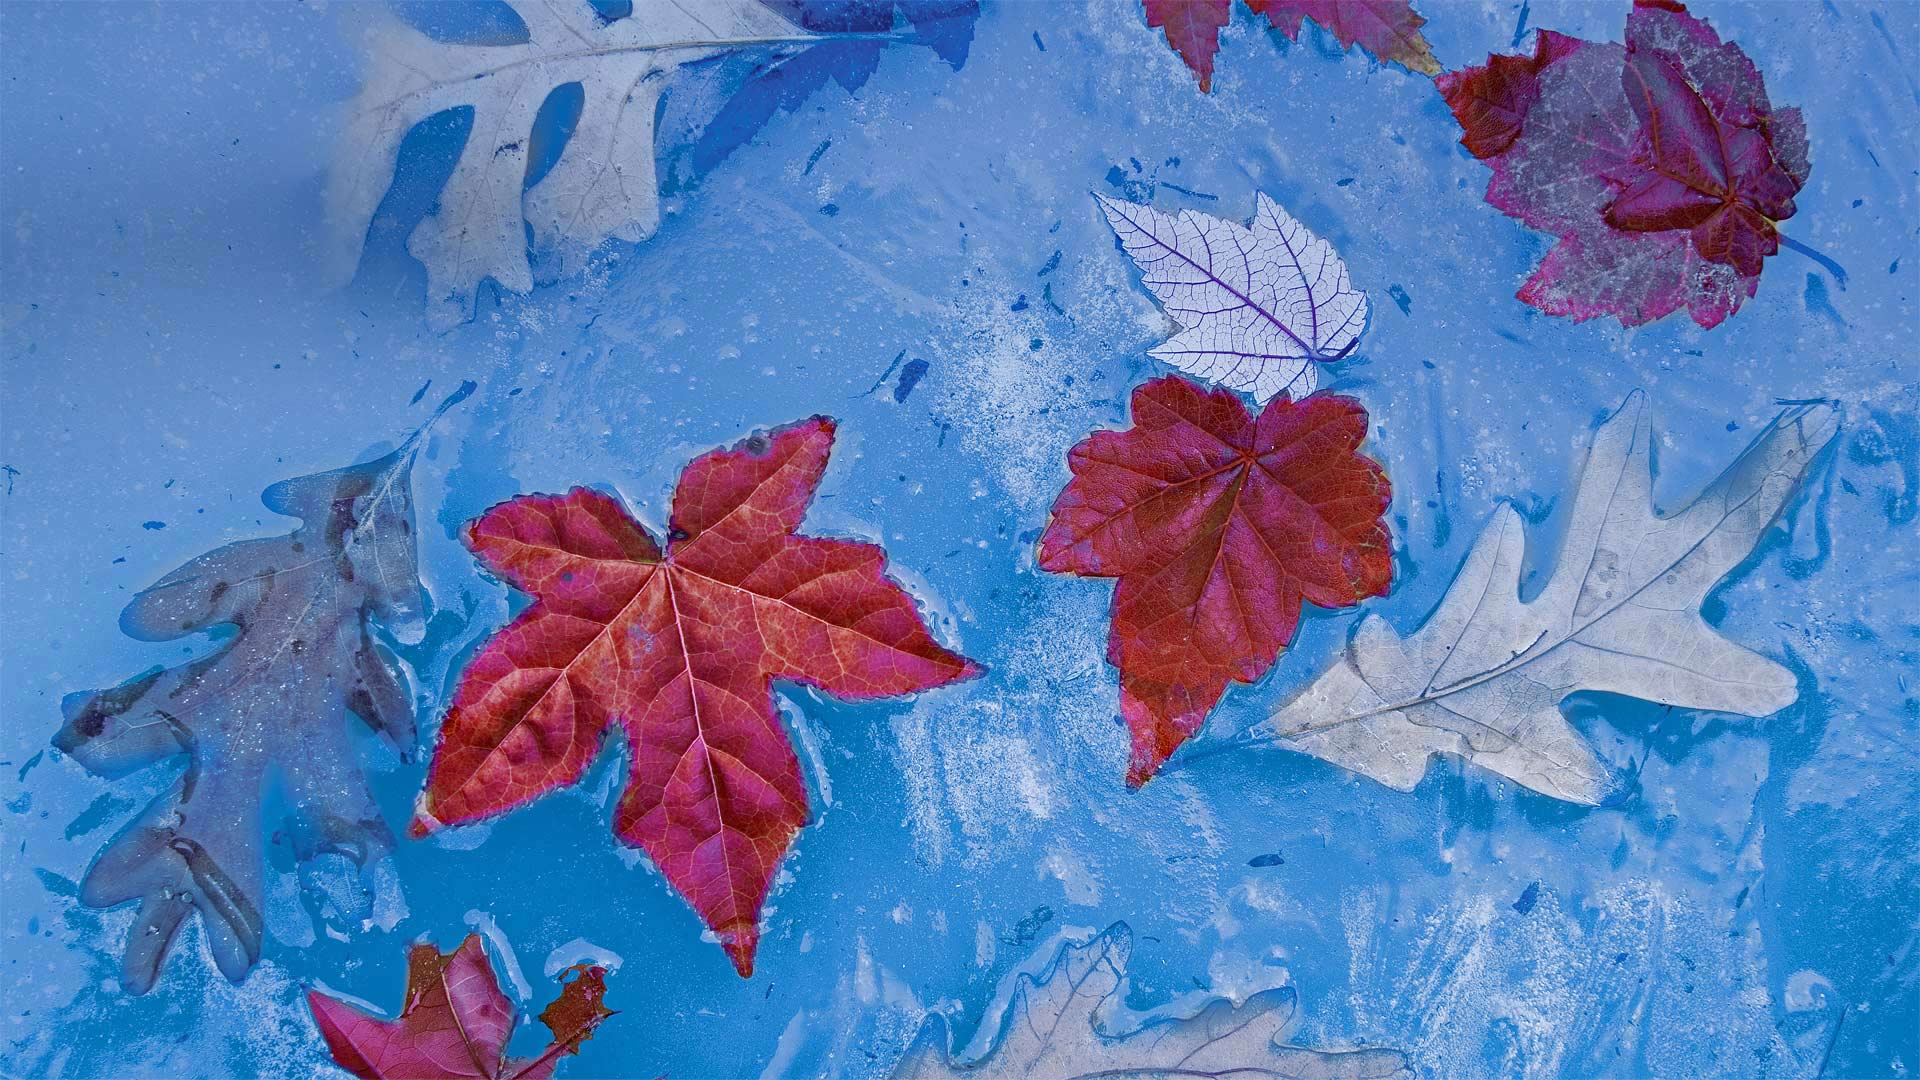 2020.12.06 - 普莱斯湖中冰封的秋叶